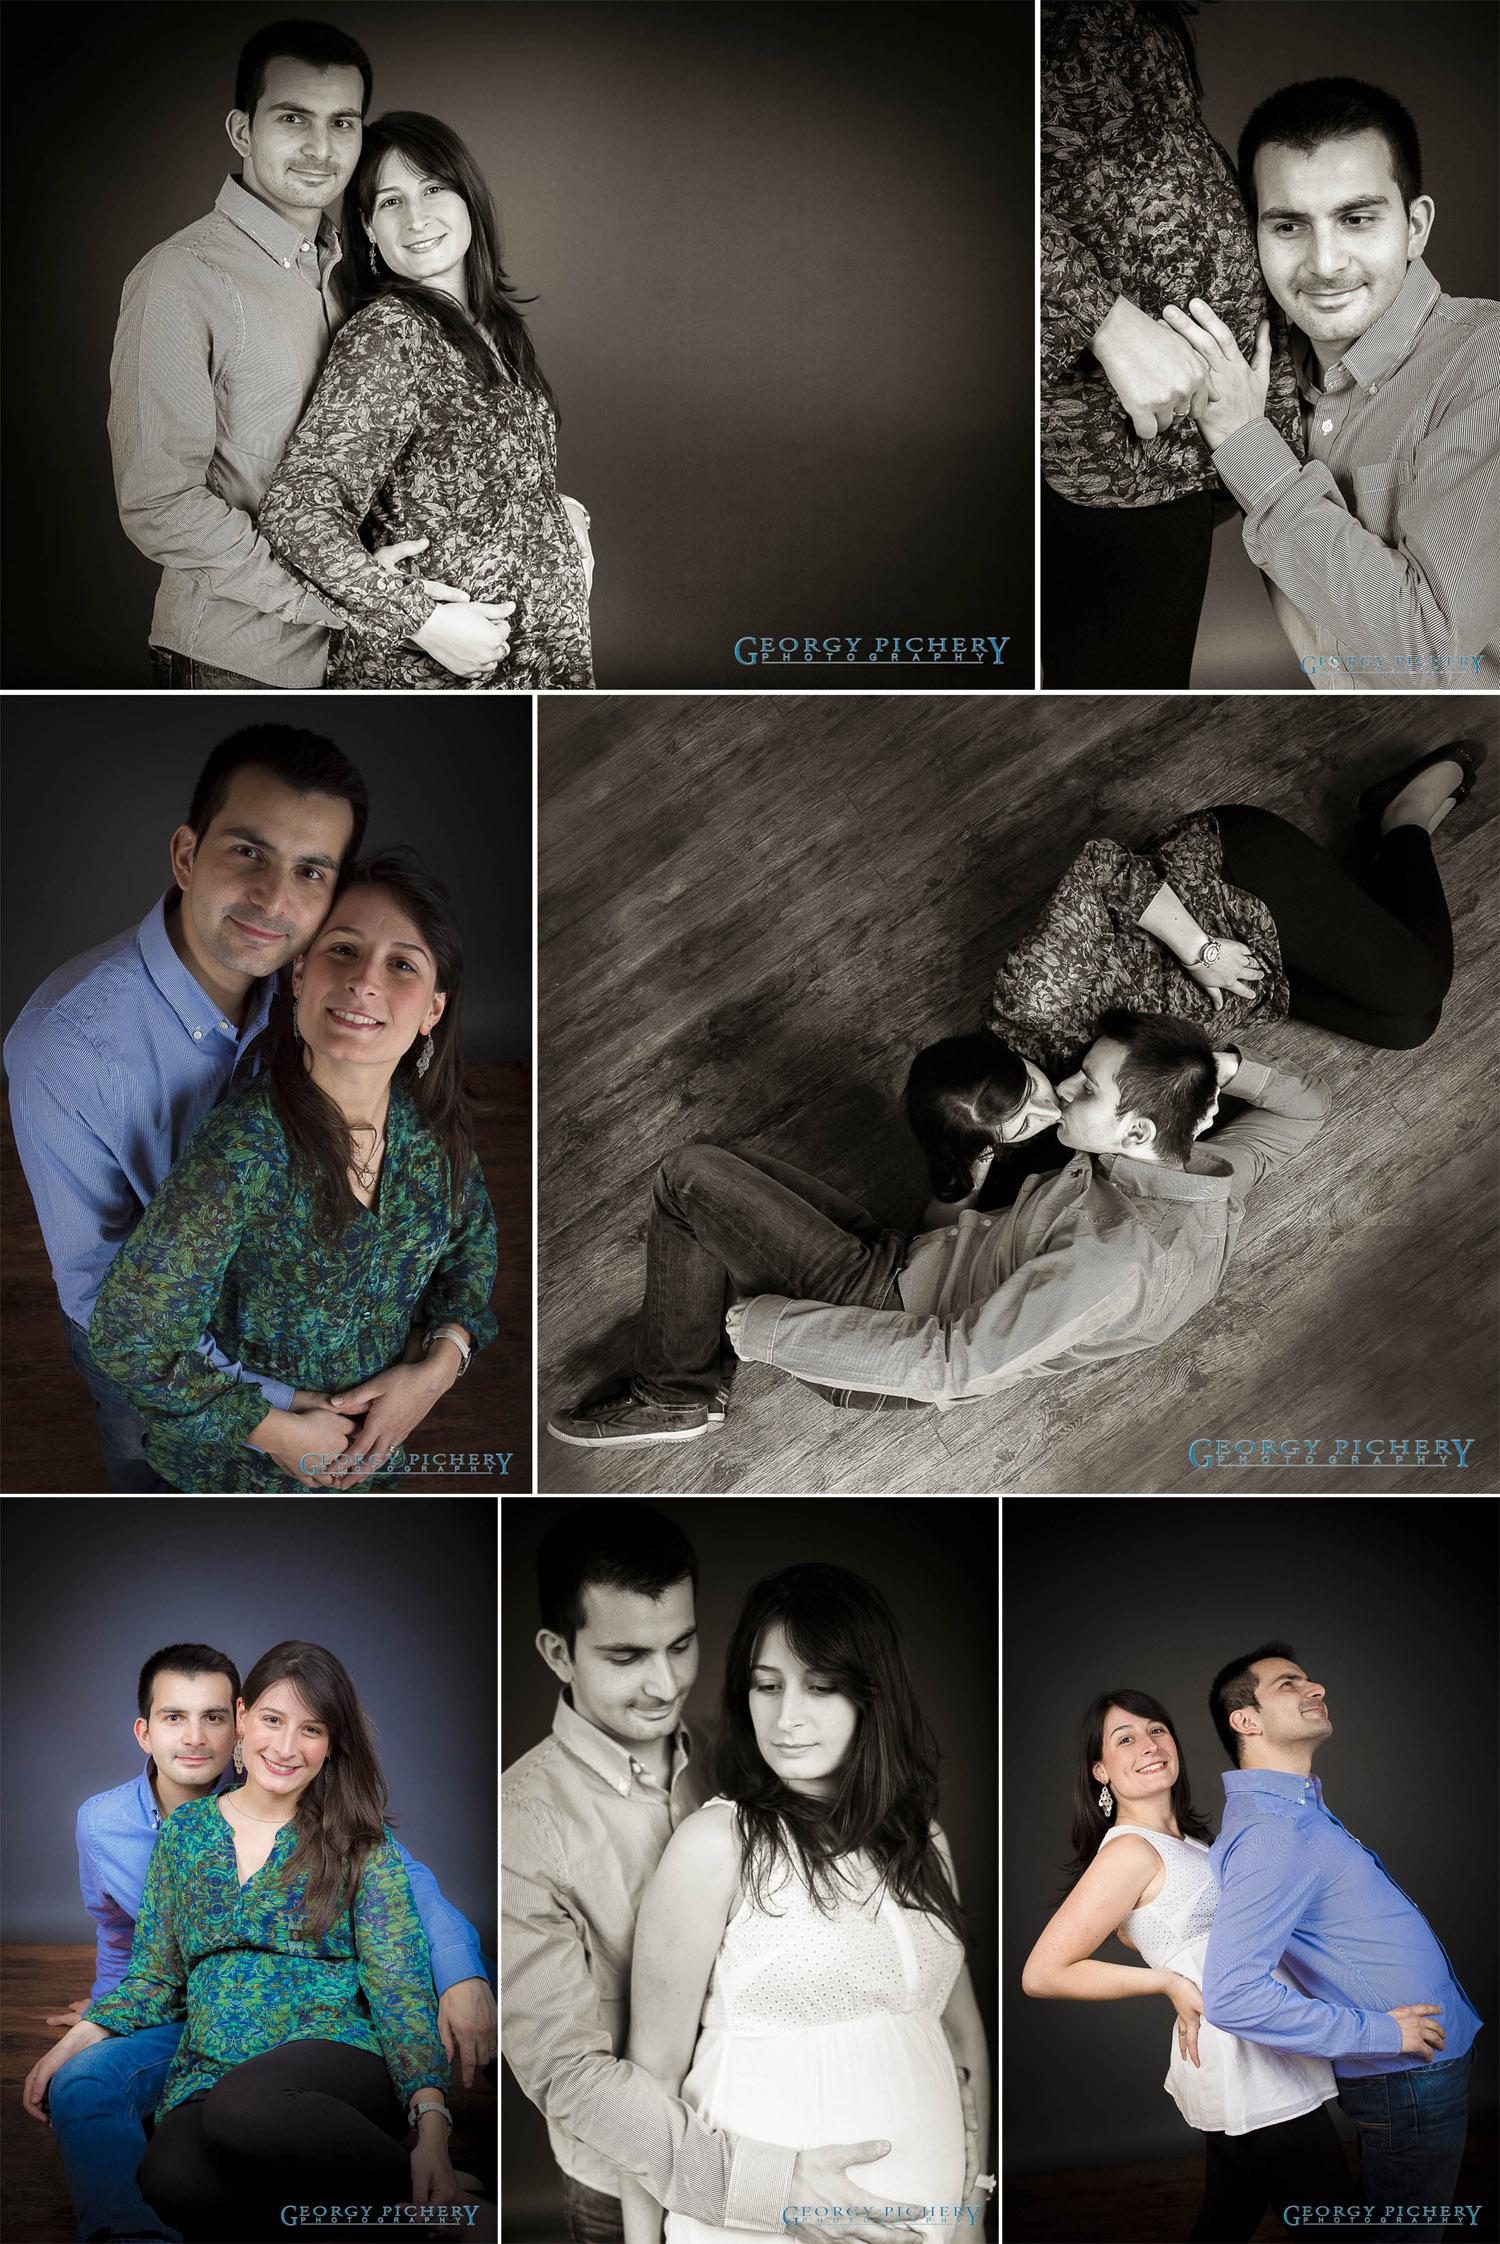 séance couple et grossesse